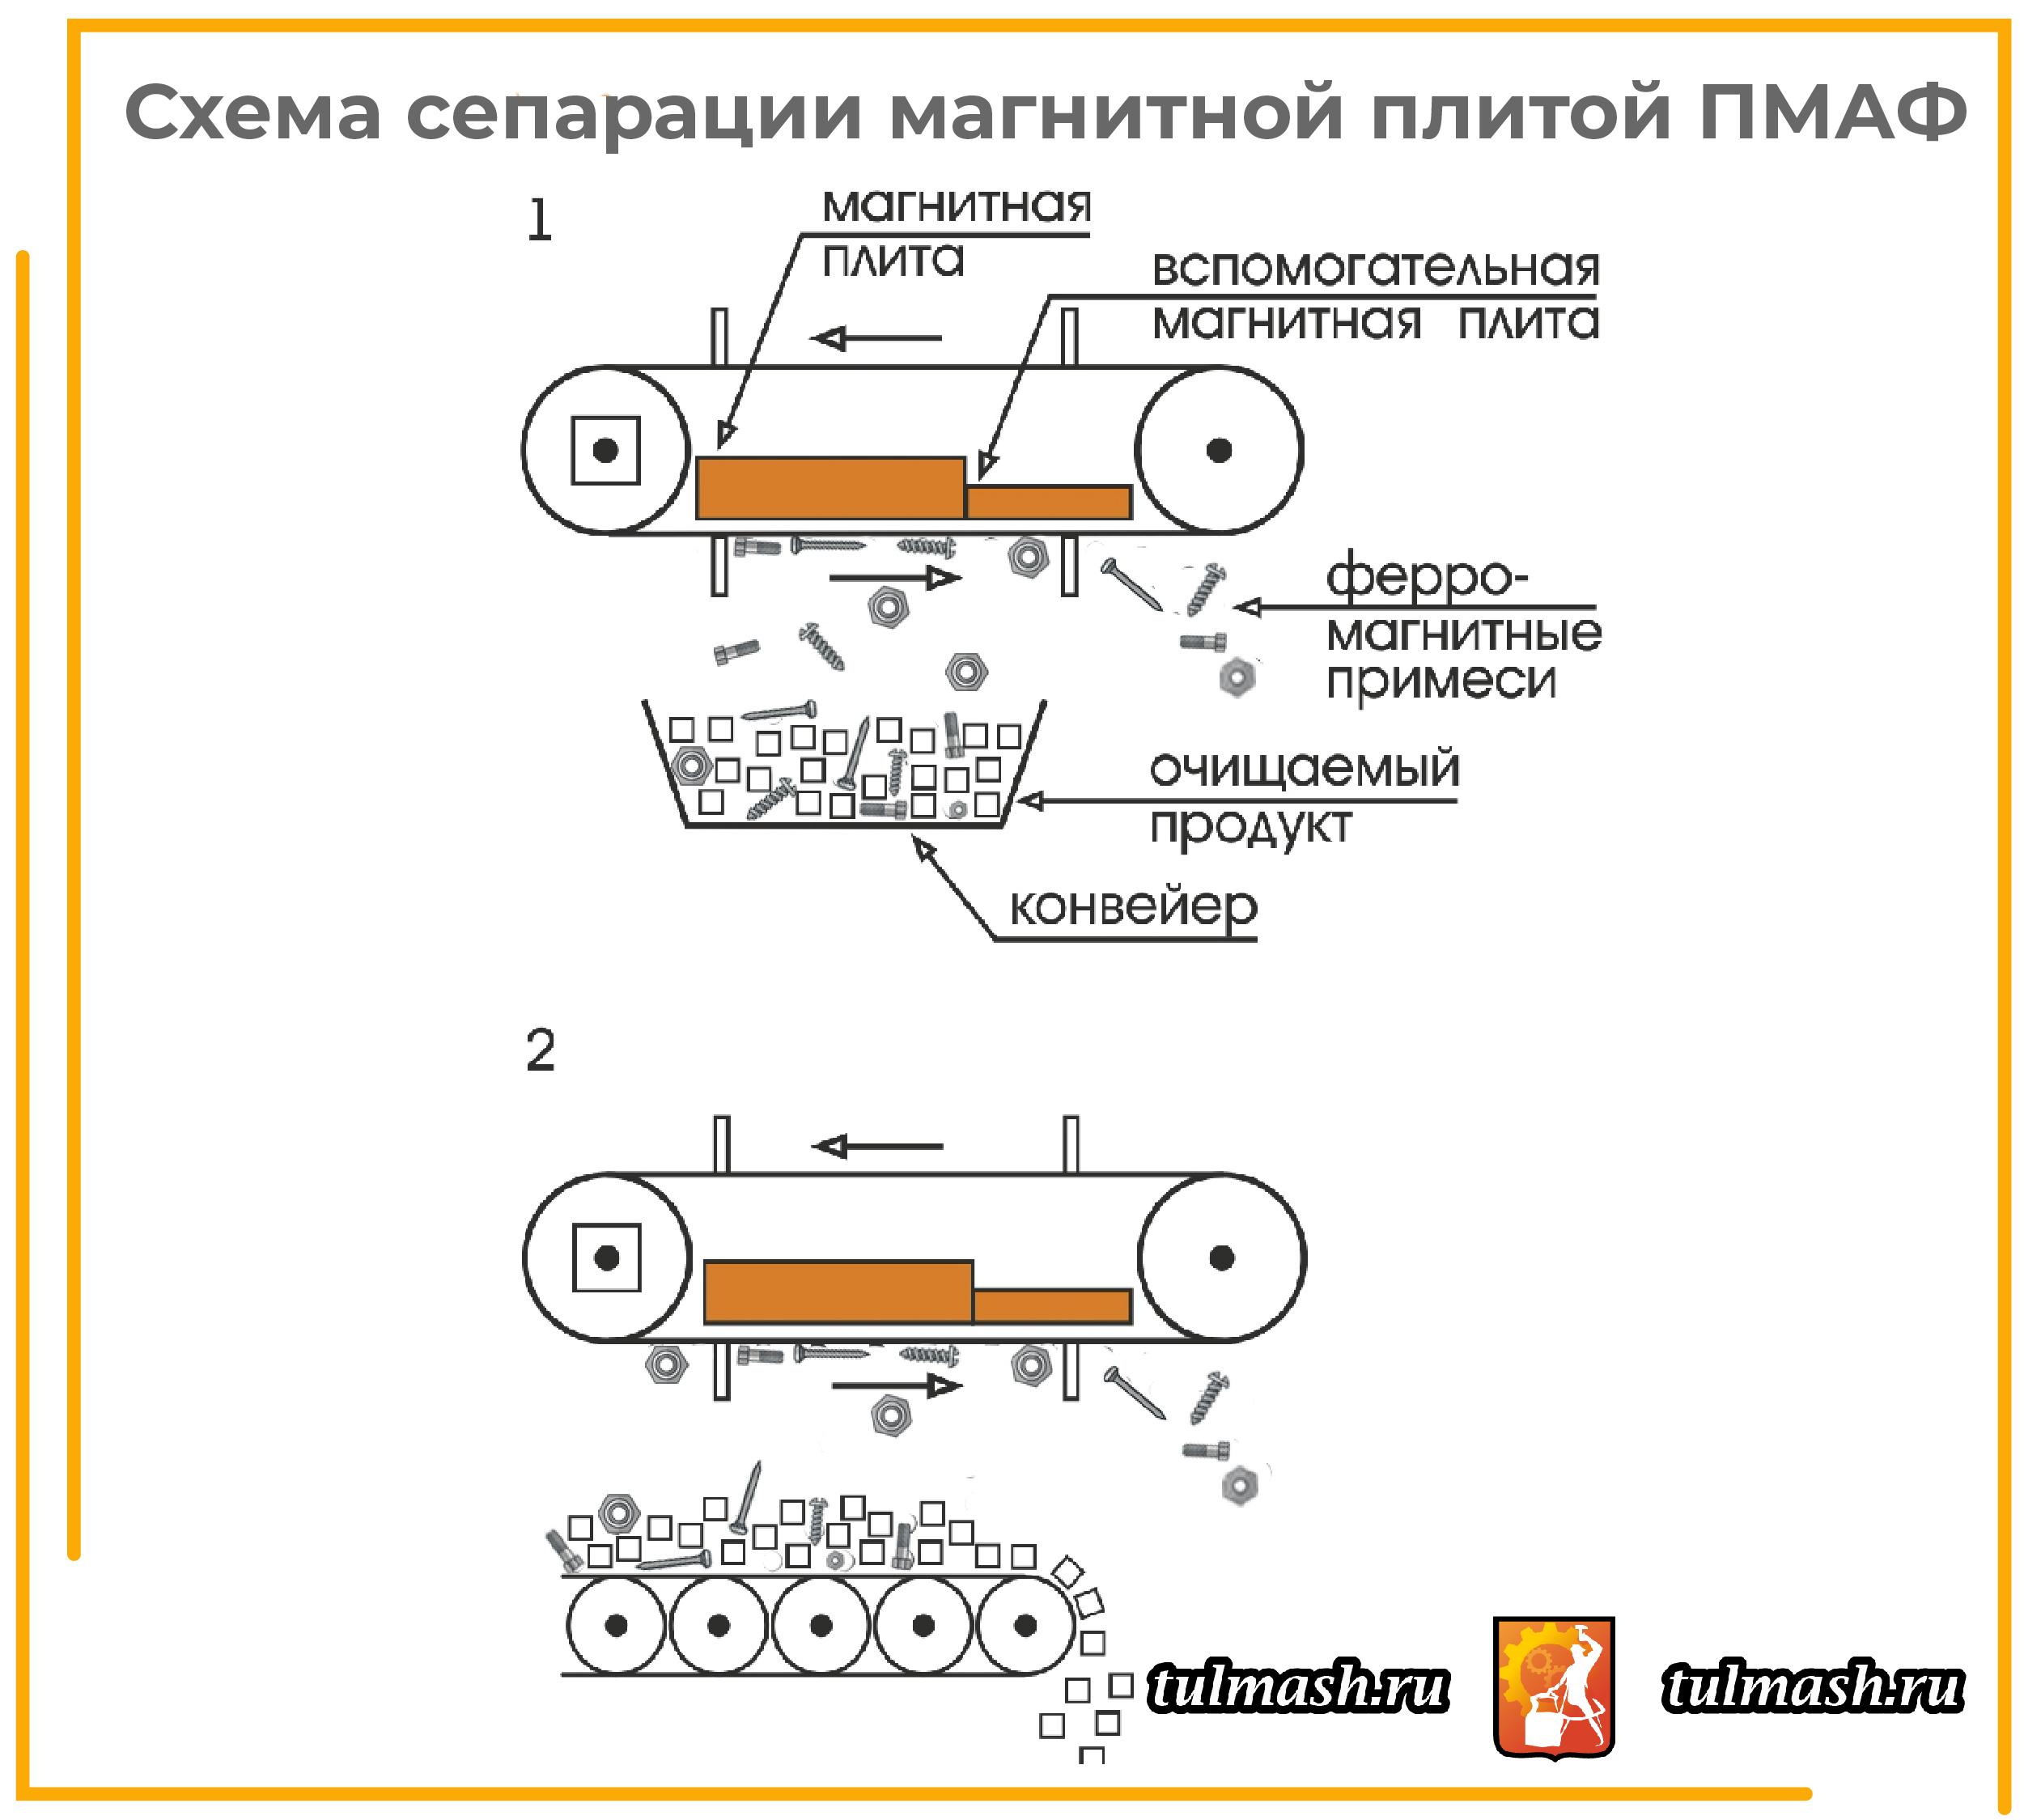 Схема сепарации магнитной плитой МПАФ-01